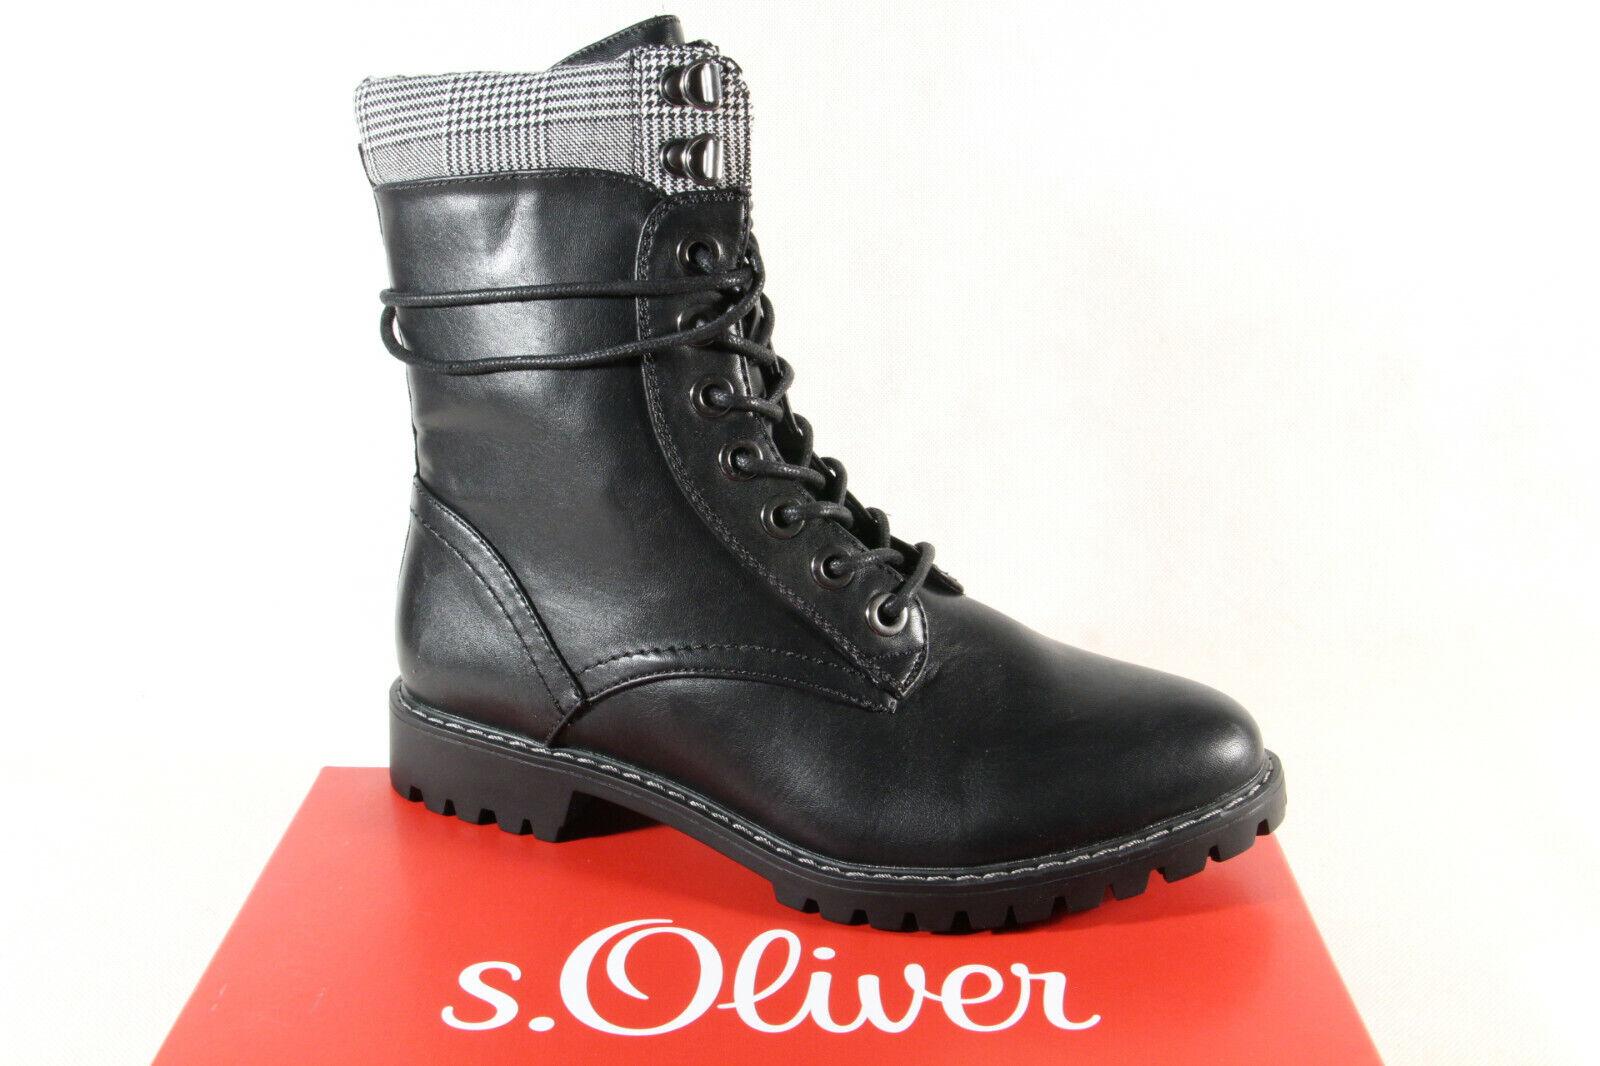 sports shoes bec72 ec3f4 s.Oliver Damen Stiefel Stiefelette Winterstiefel schwarz 25218 NEU